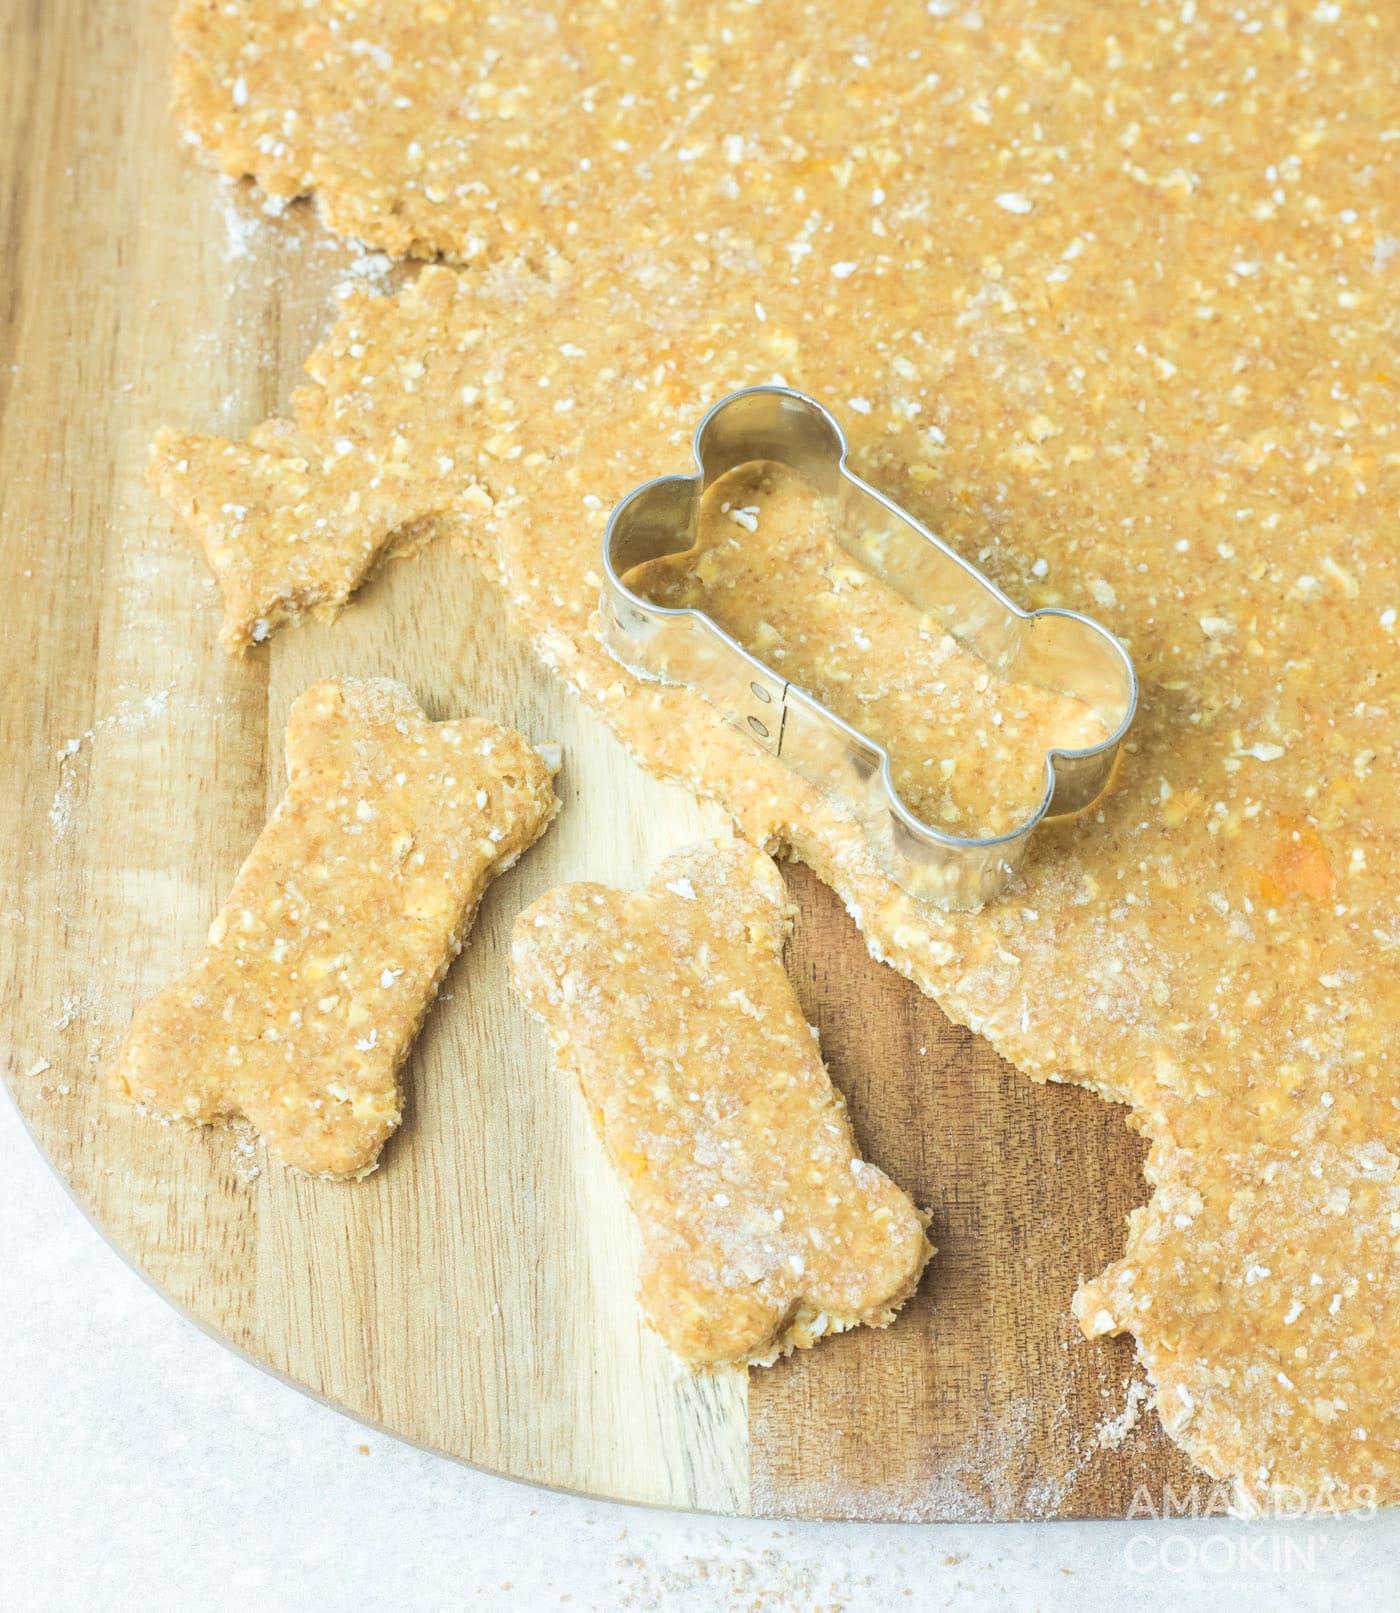 bone shaped cookie cutter cutting dough